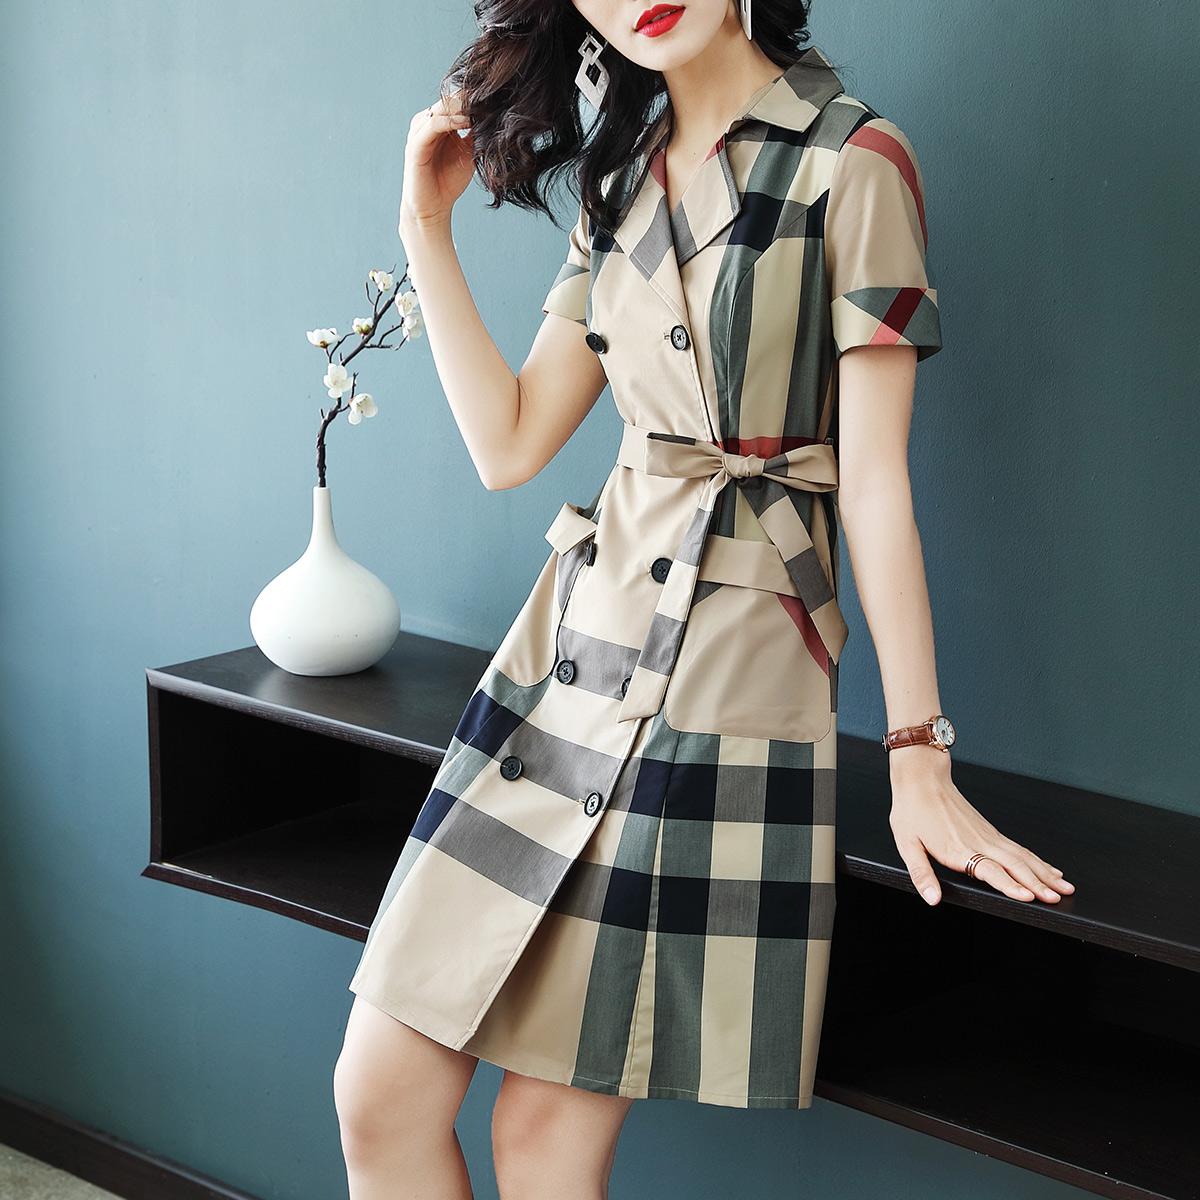 鹿歌2018夏装新款职业OL气质短袖衬衫裙修身收腰显瘦格子连衣裙女